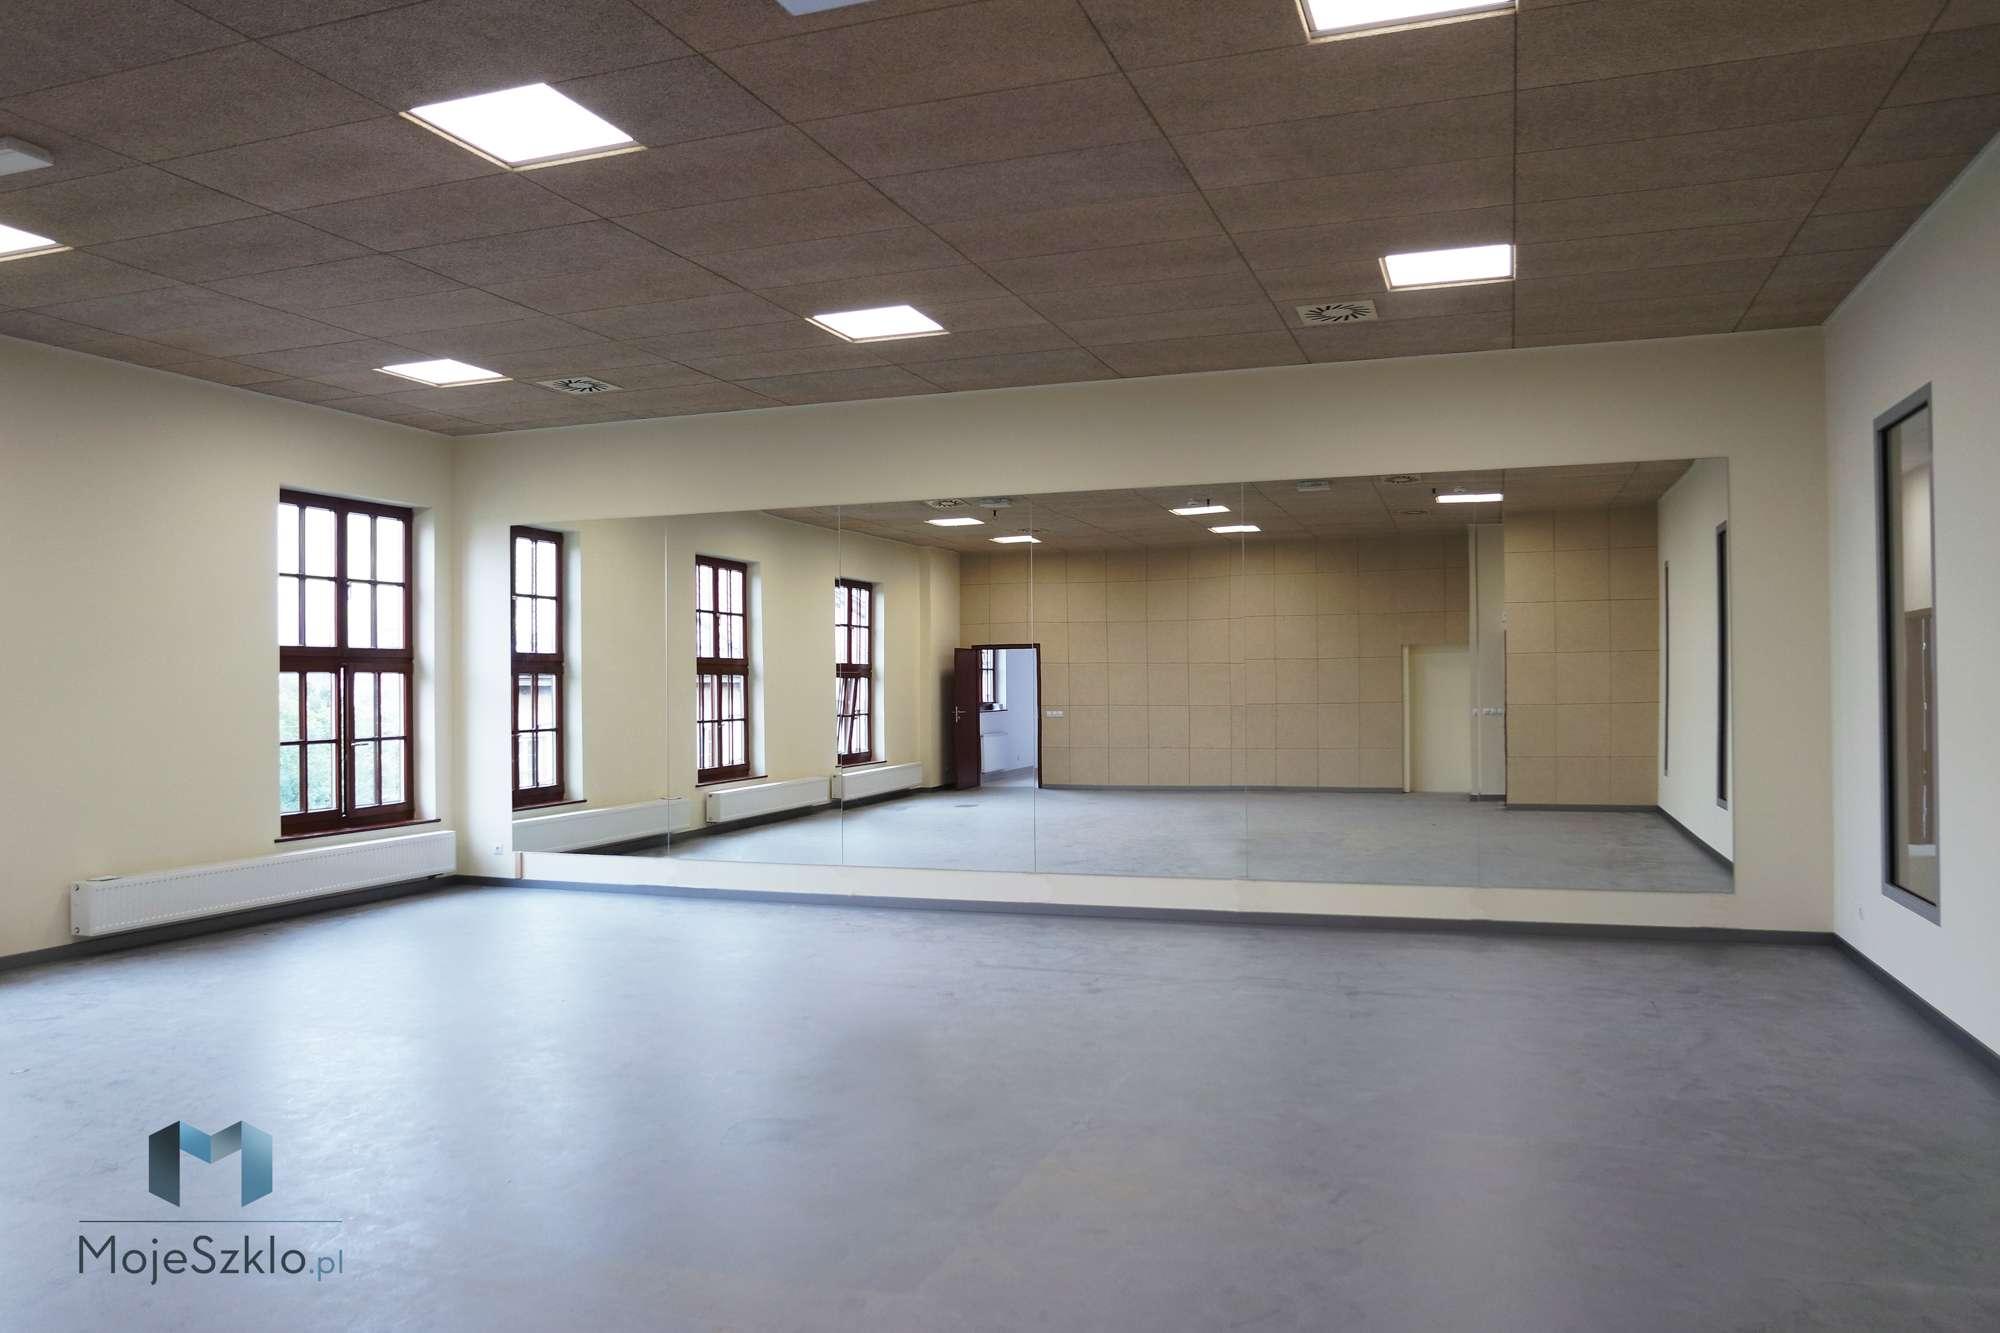 Lustra Sala Ginastyczna Krakow - Duże lustro na ścianę w salach gimnastycznych i siłowniach